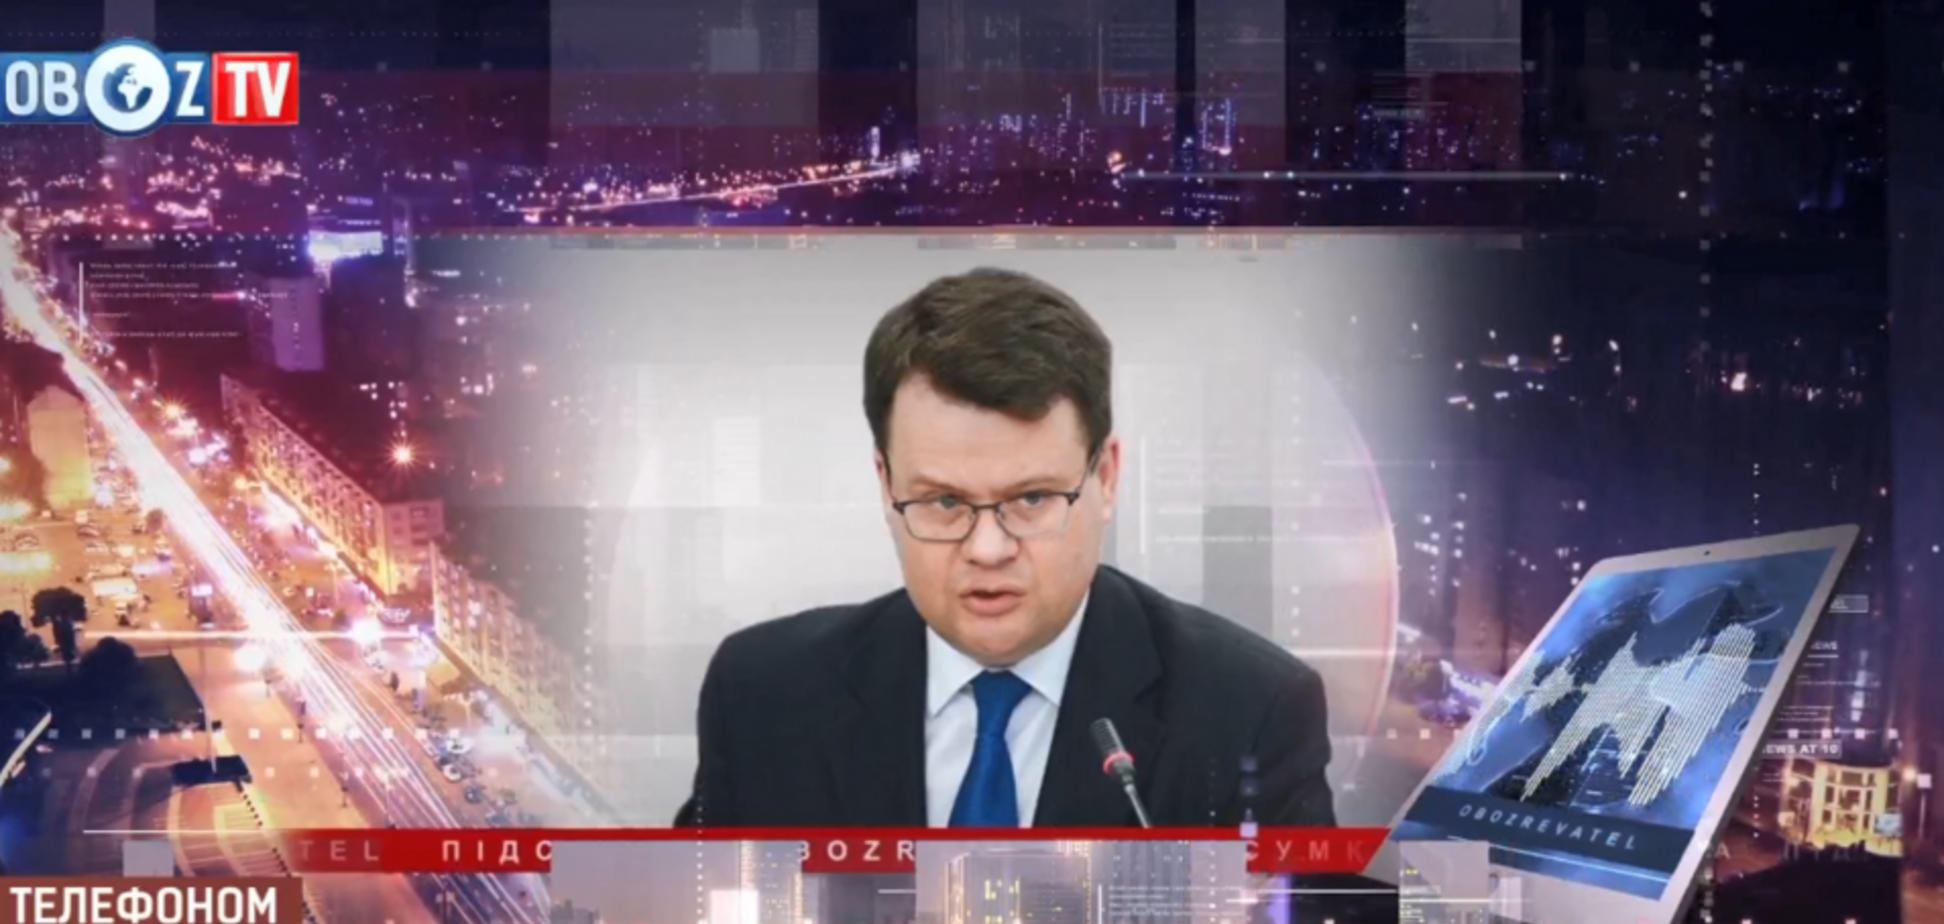 Есть два сценария: озвучен прогноз курса доллара в Украине в 2020 году